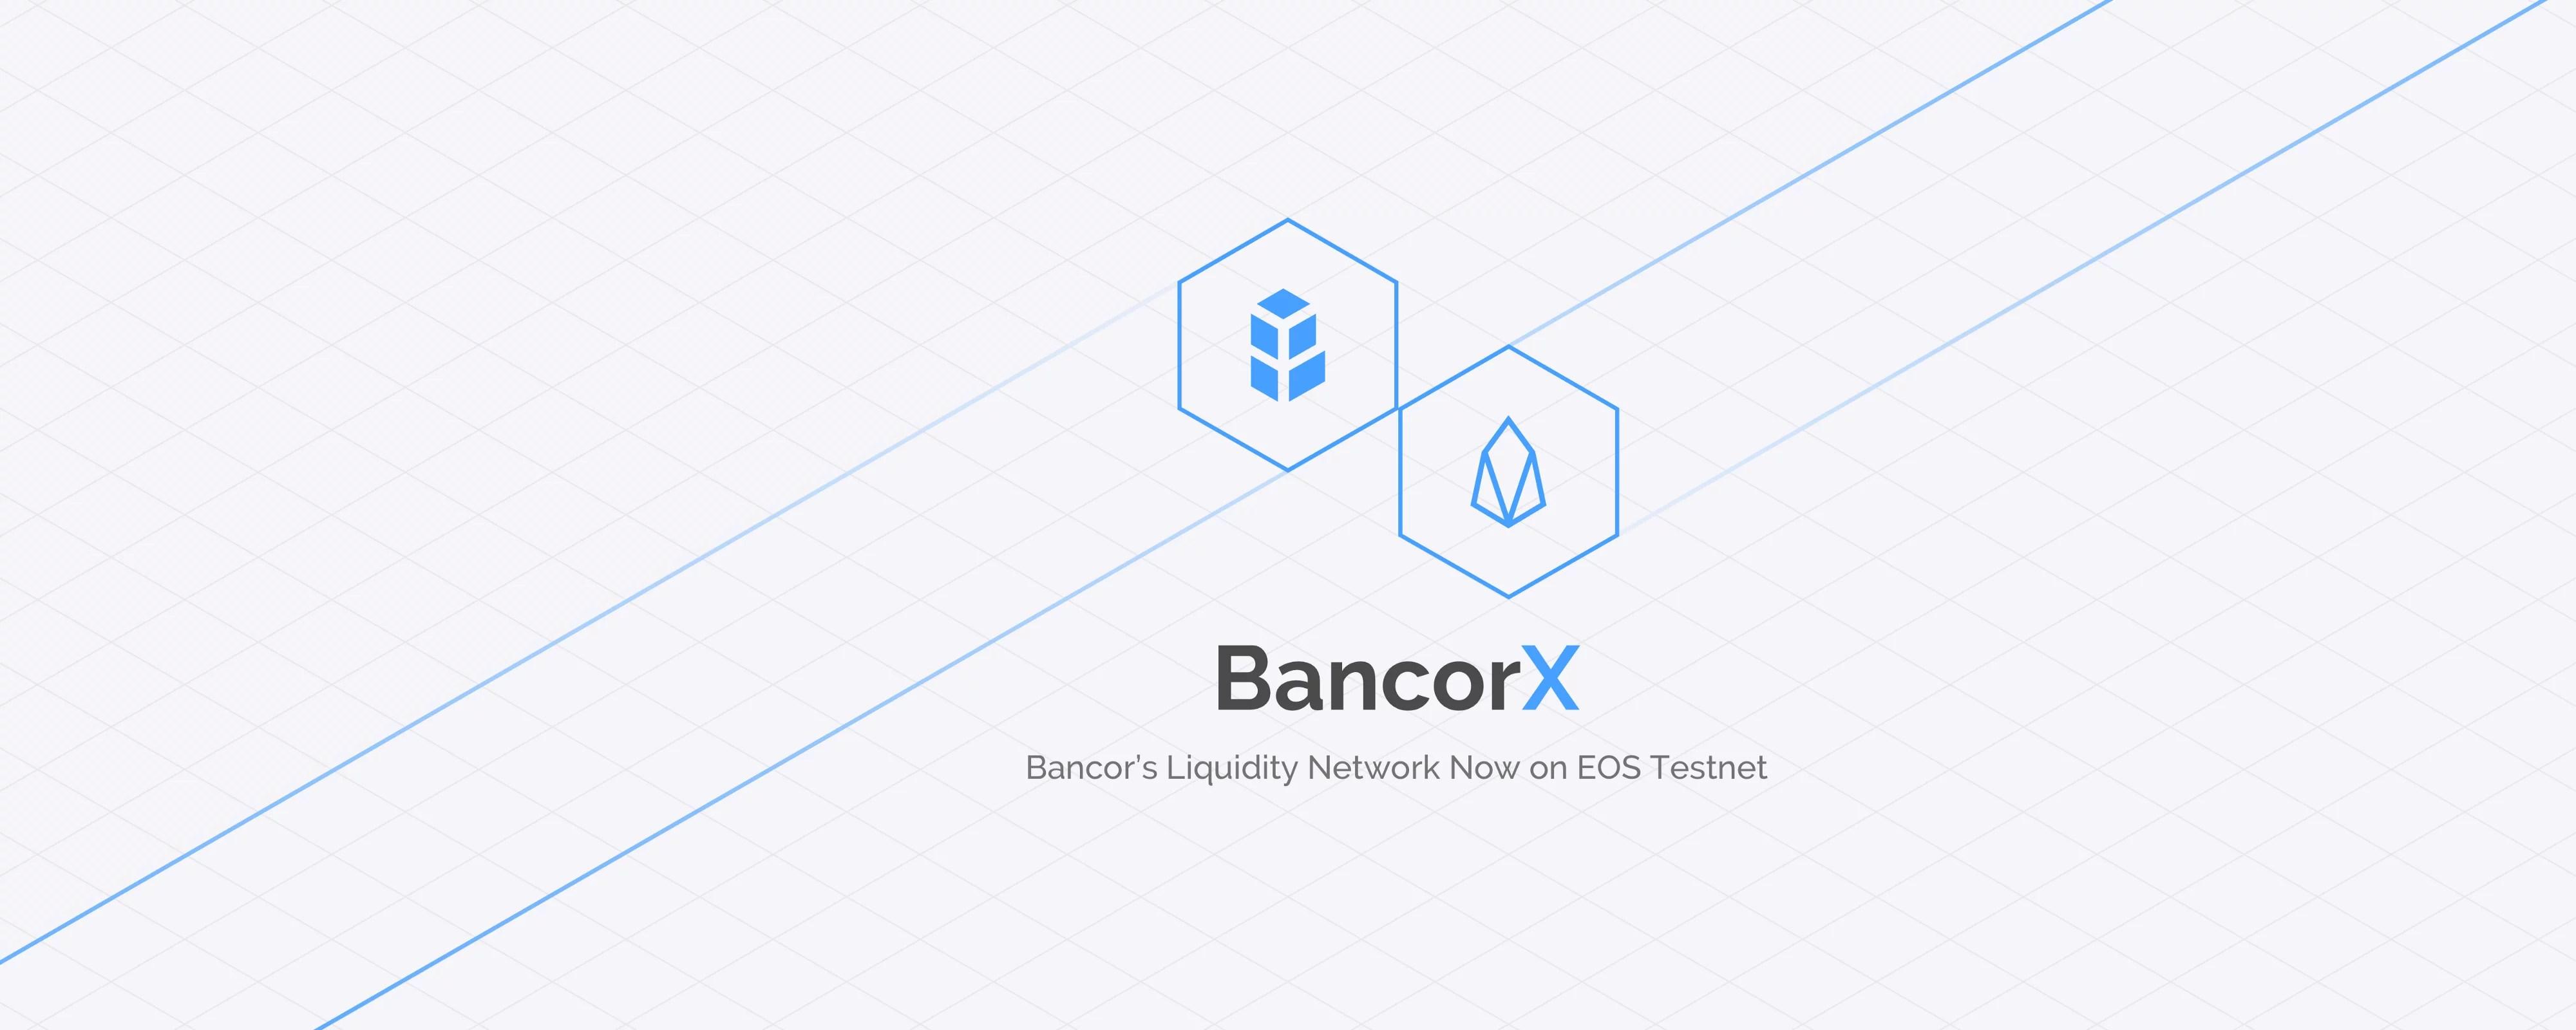 Bancor añade un nuevo mecanismo de staking de liquidación a EOS